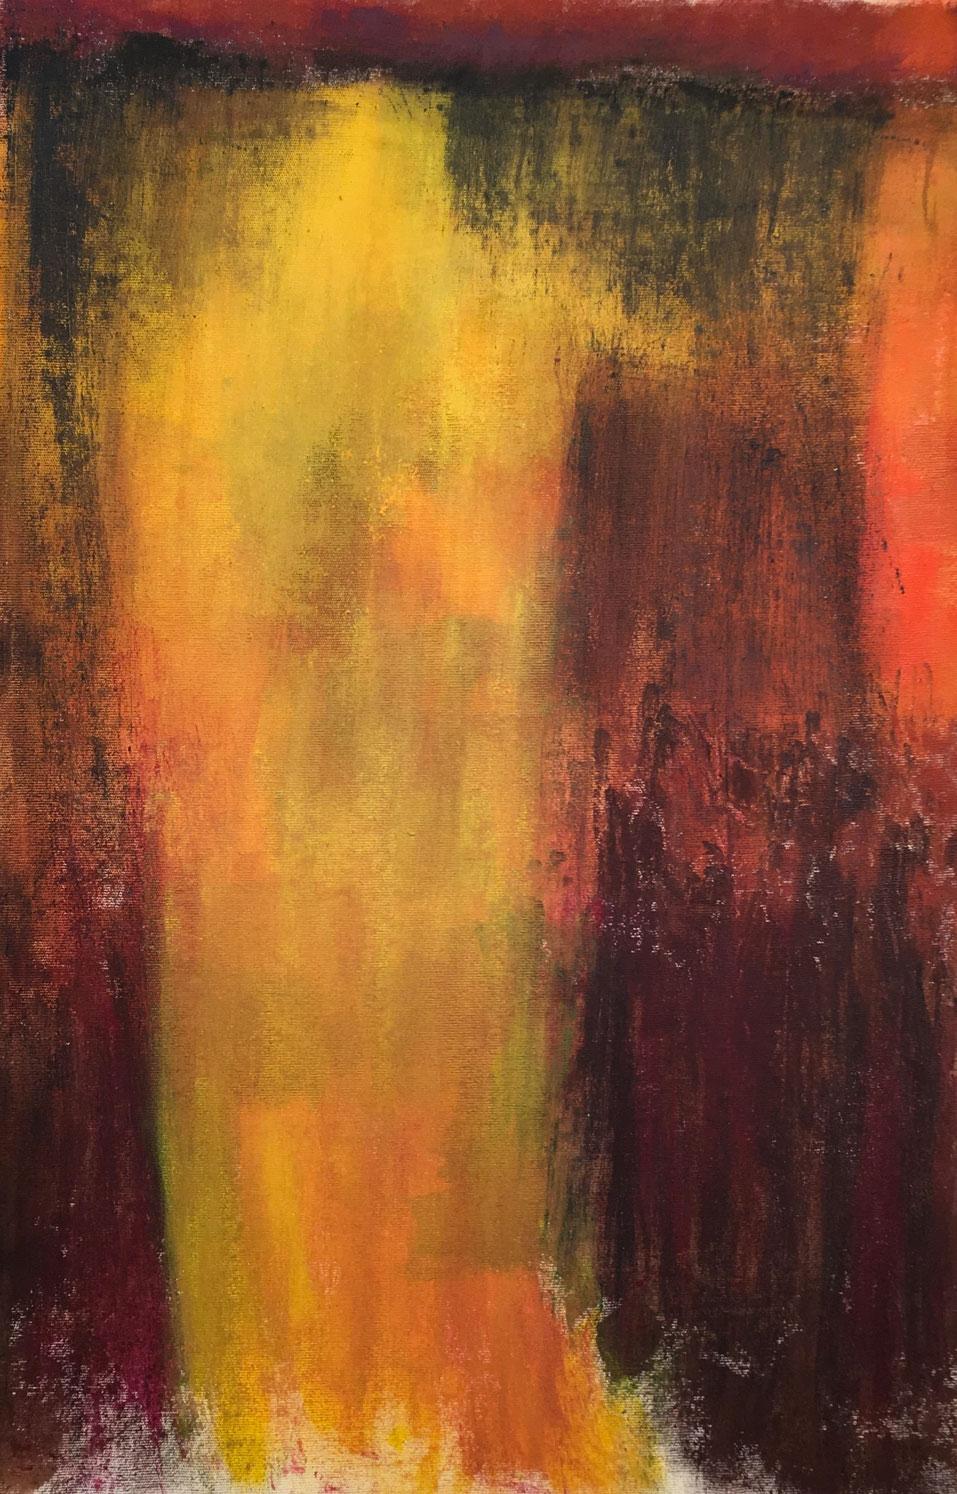 N°4057 - Spectre - Acrylique et pigments sur toile - 100 x 67 cm - 13 janvier 2017